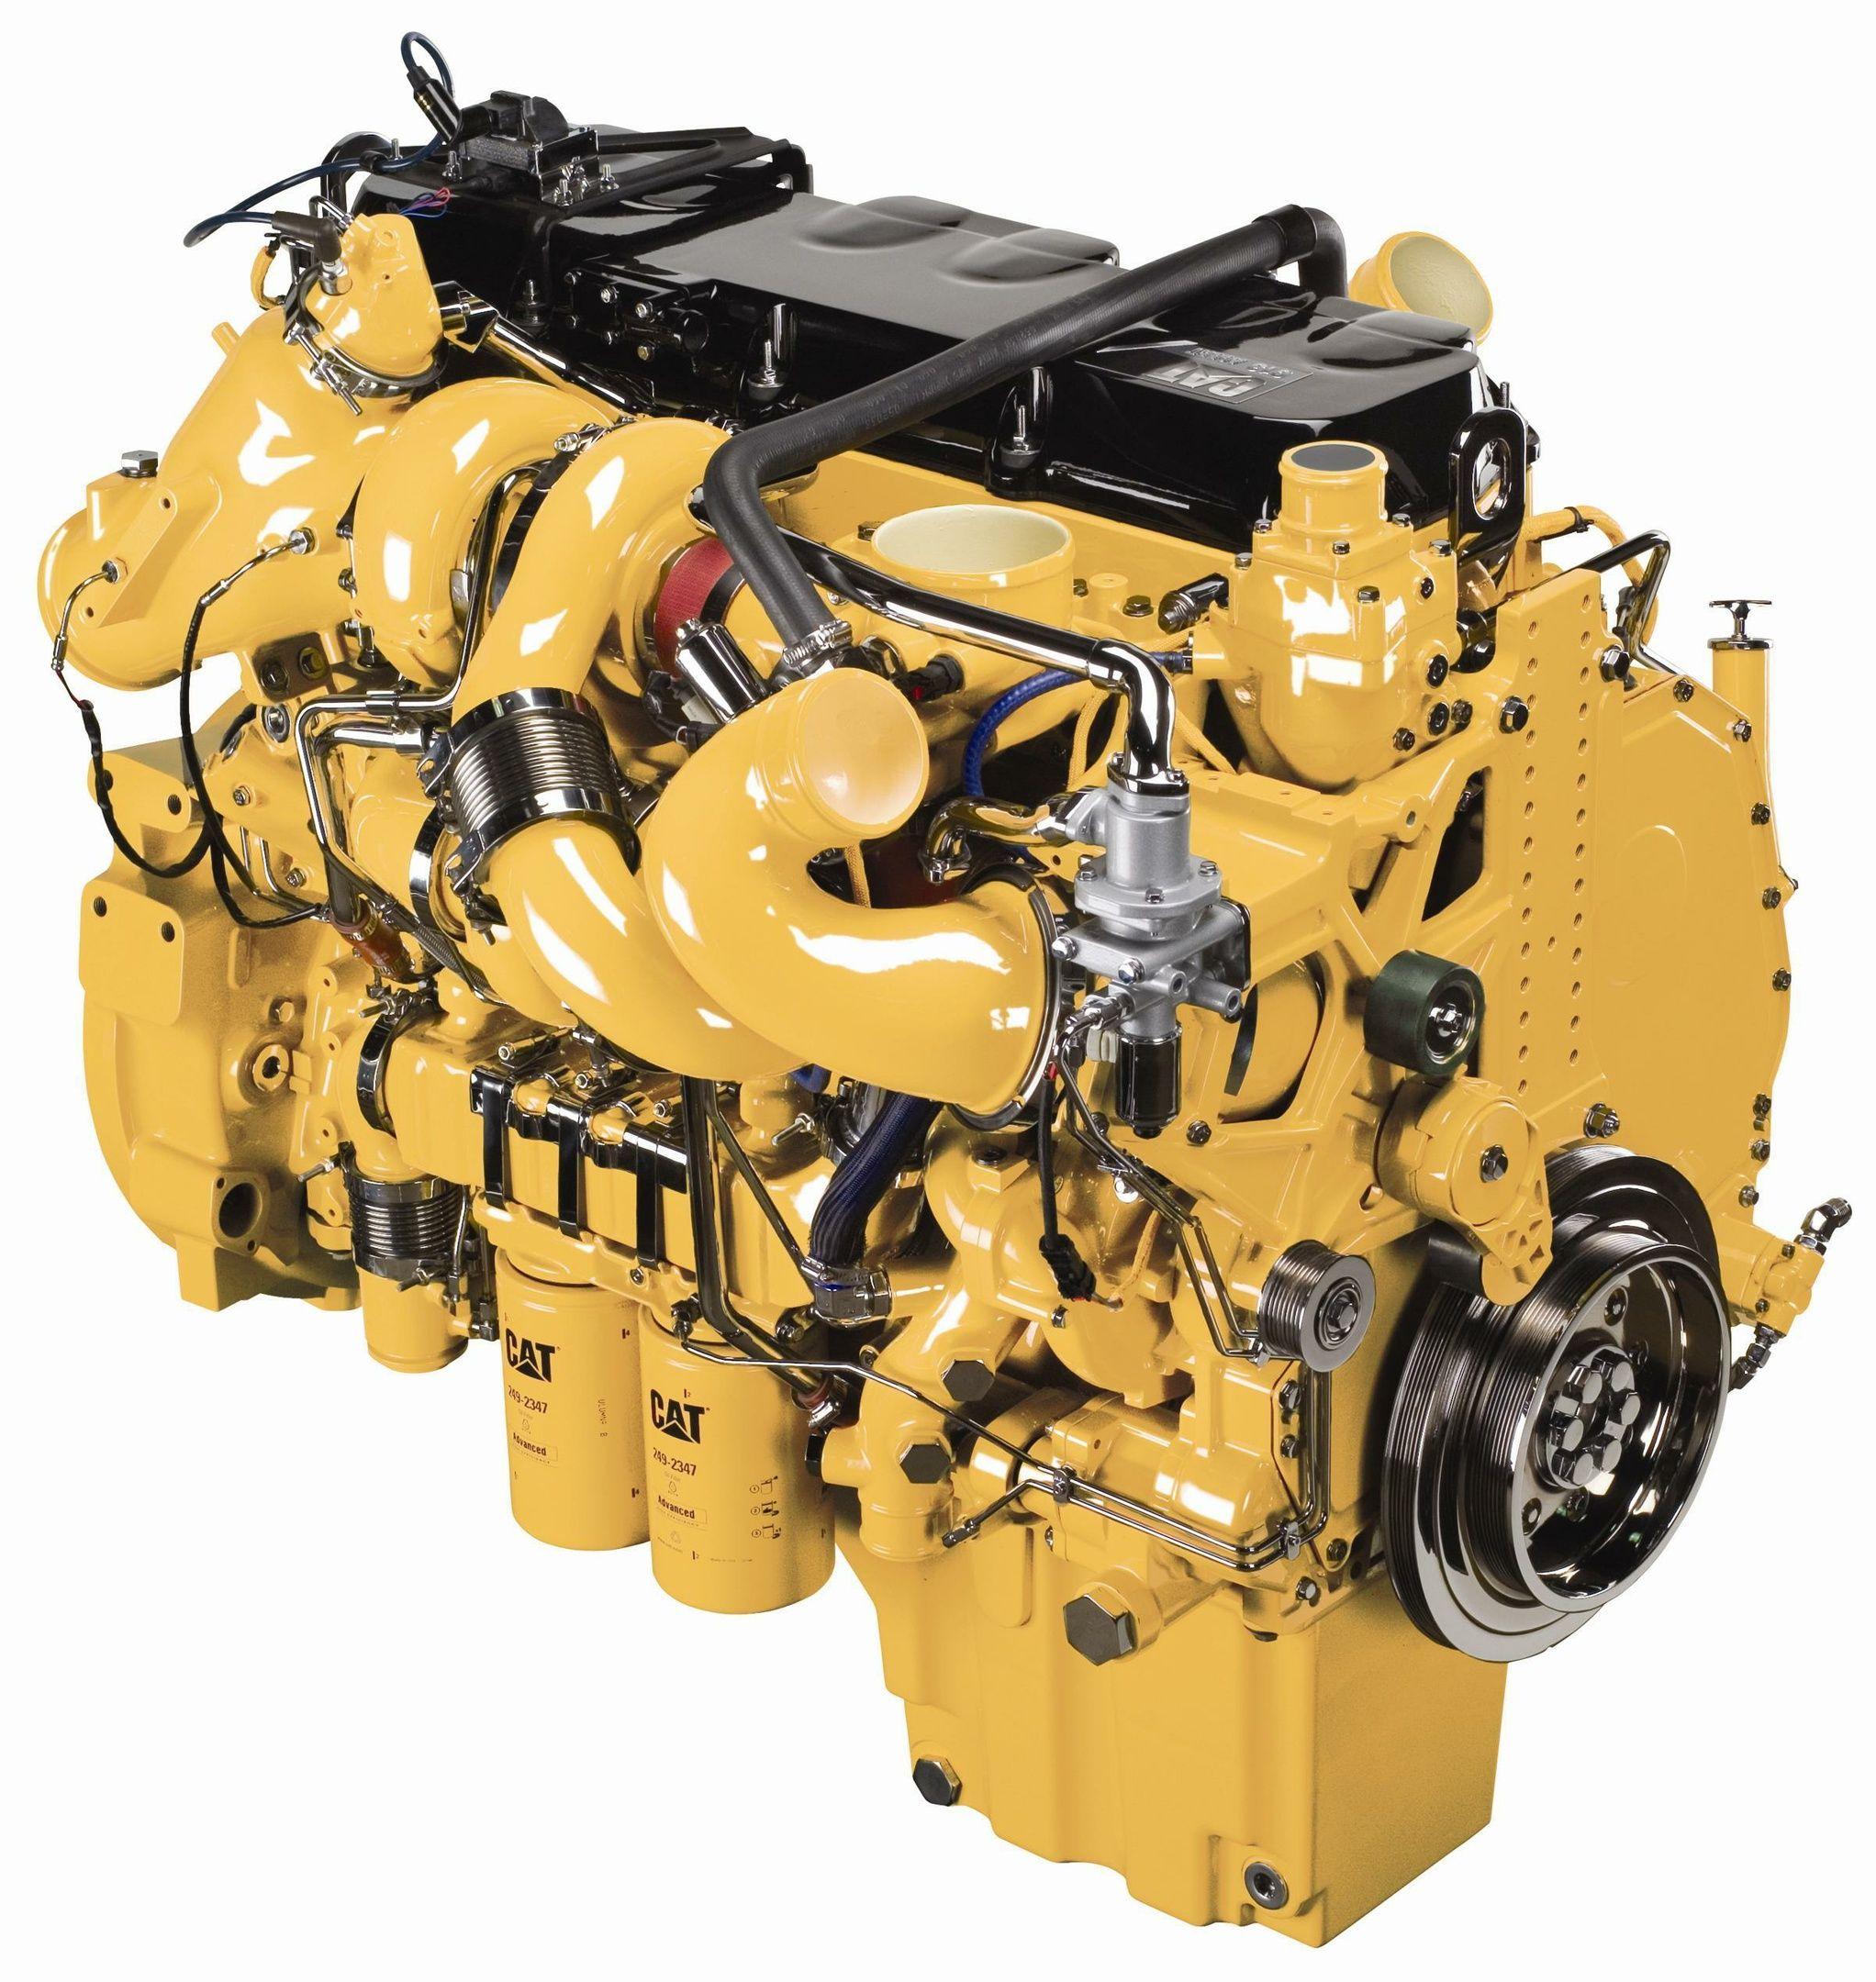 Cat Caterpillar C11, C13, C15 Truck Engine Troubleshooting